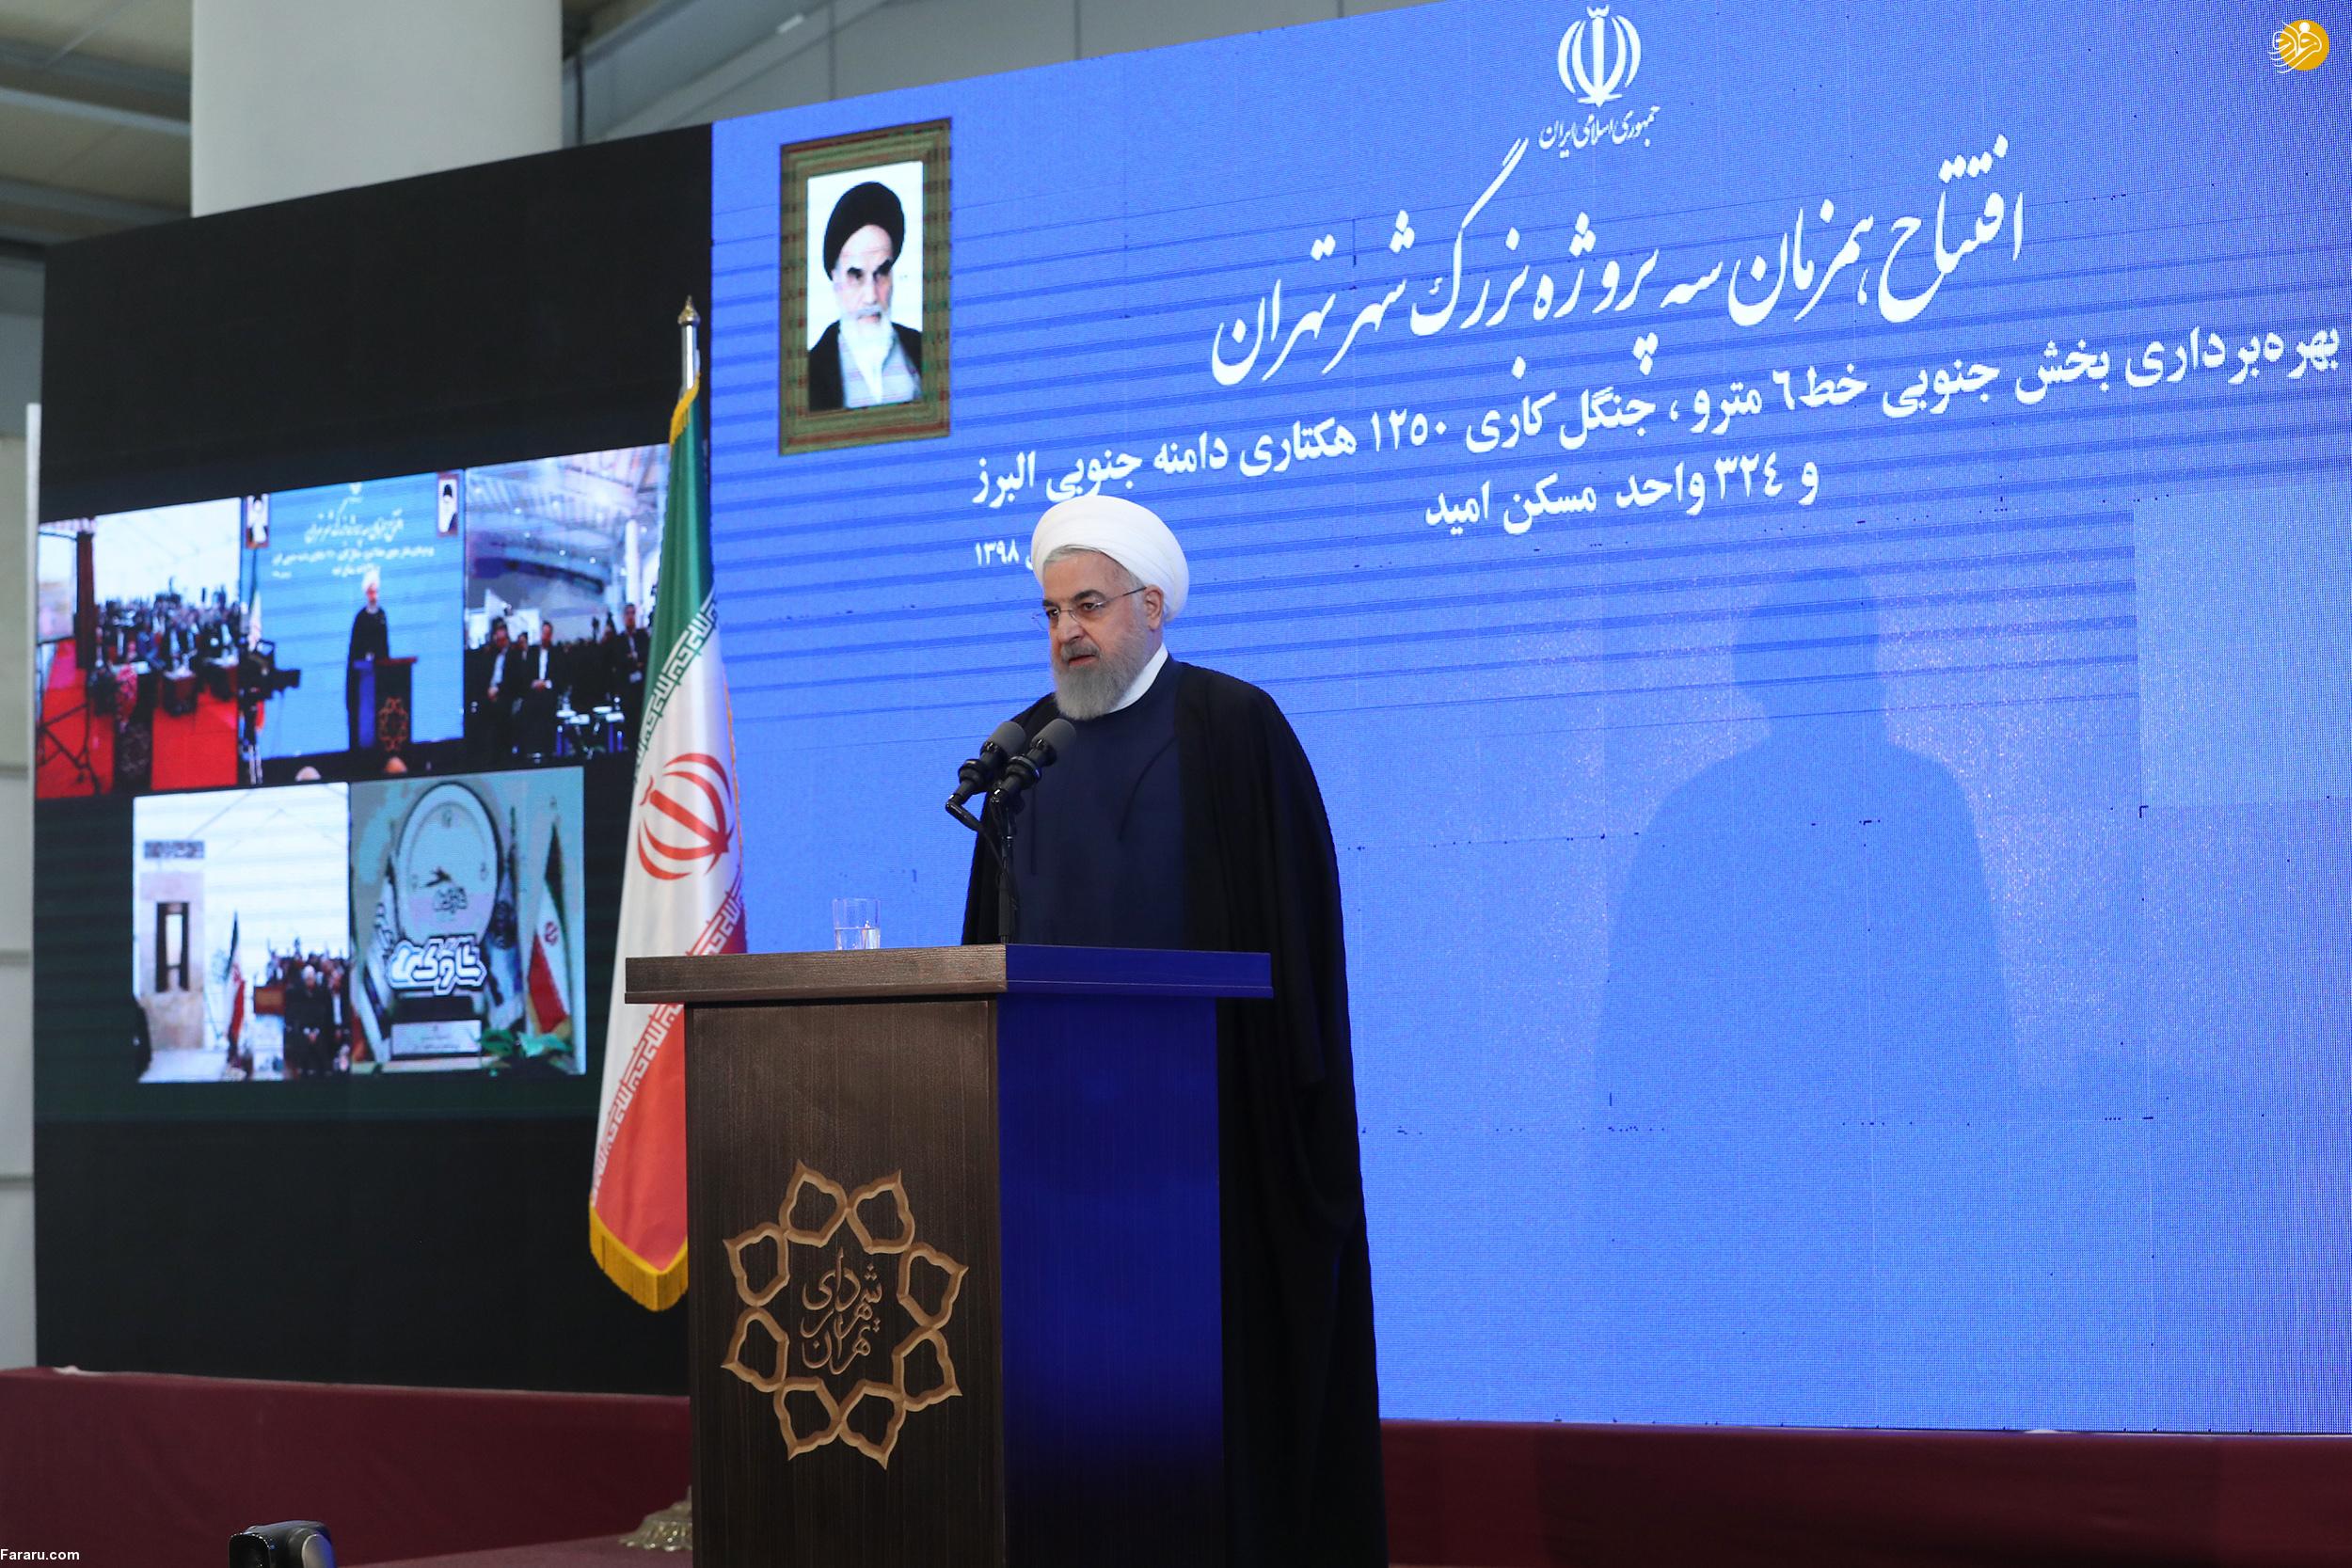 روحانی: وقتی مسیل رودخانه را قطع میکنیم، سیل هم خانه ما را خراب میکند